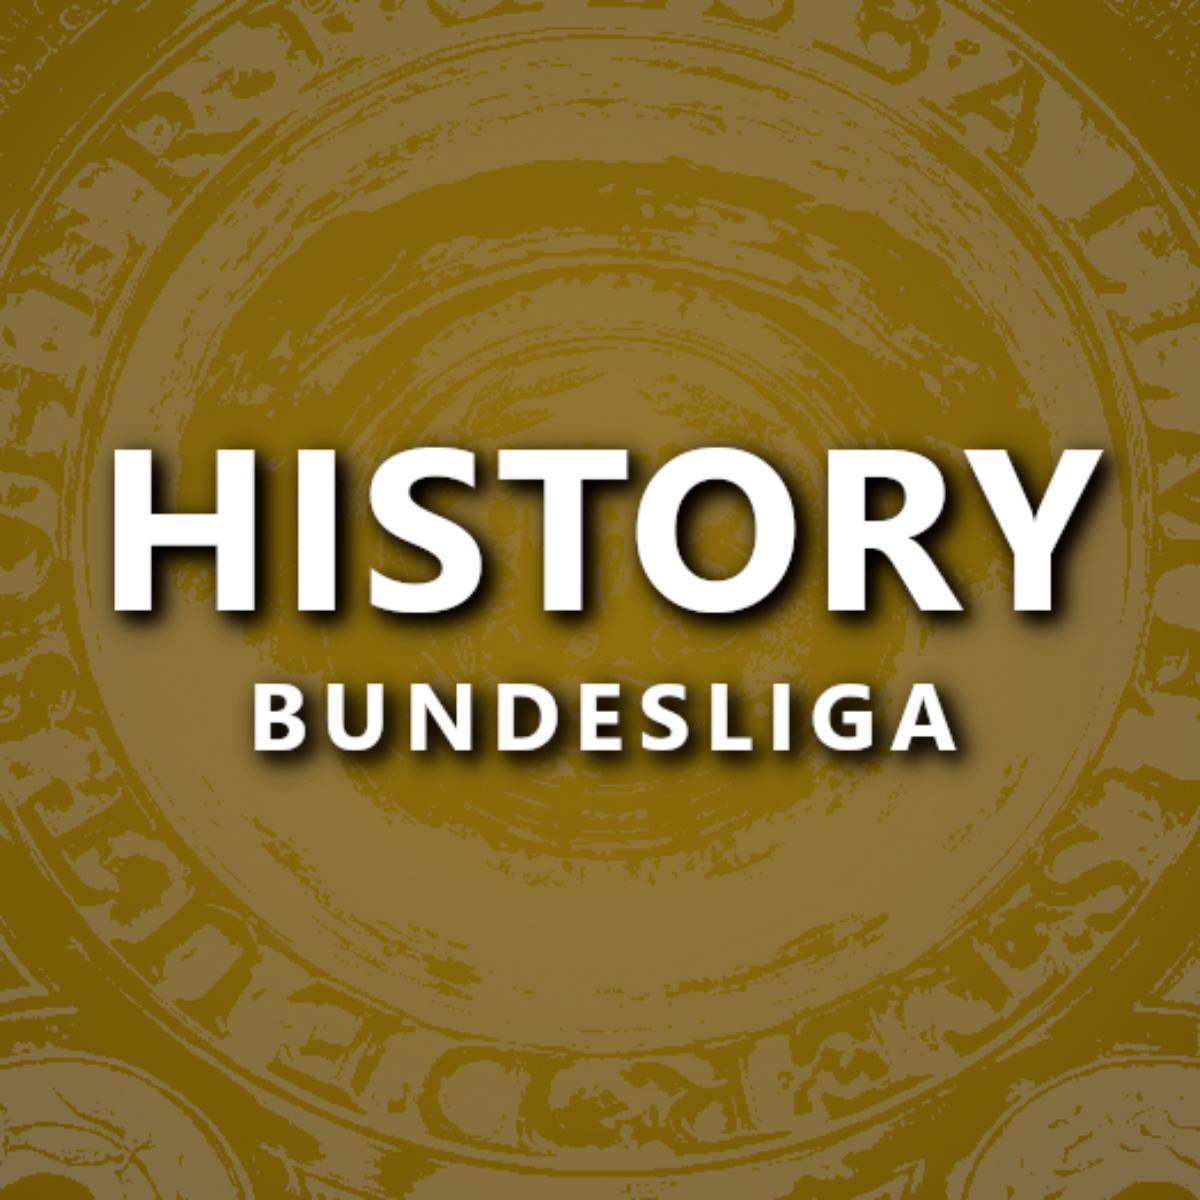 Historienspieltag: 9. Spieltag 1969/70